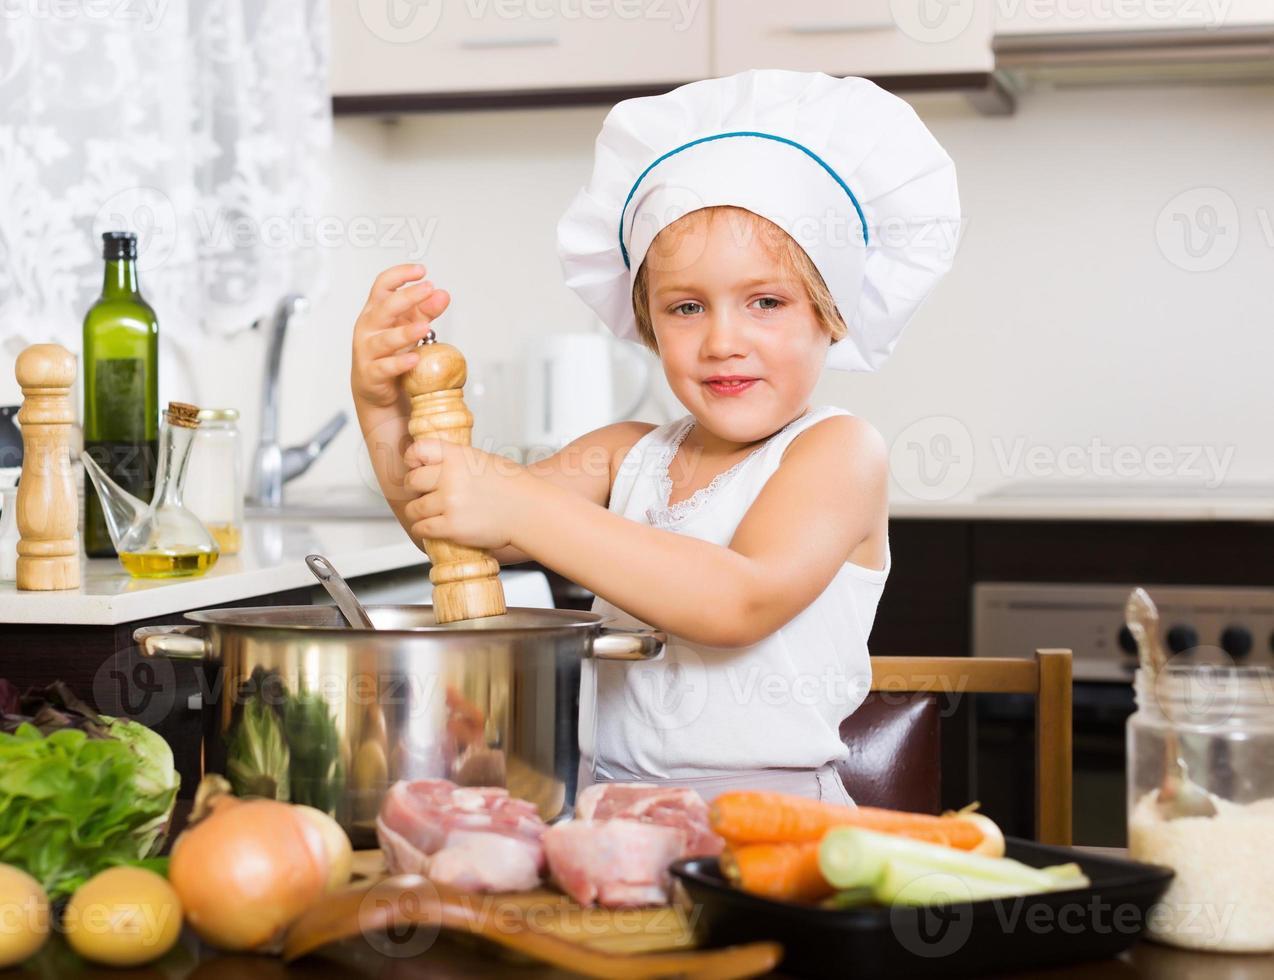 criança cozinhar sopa na panela foto